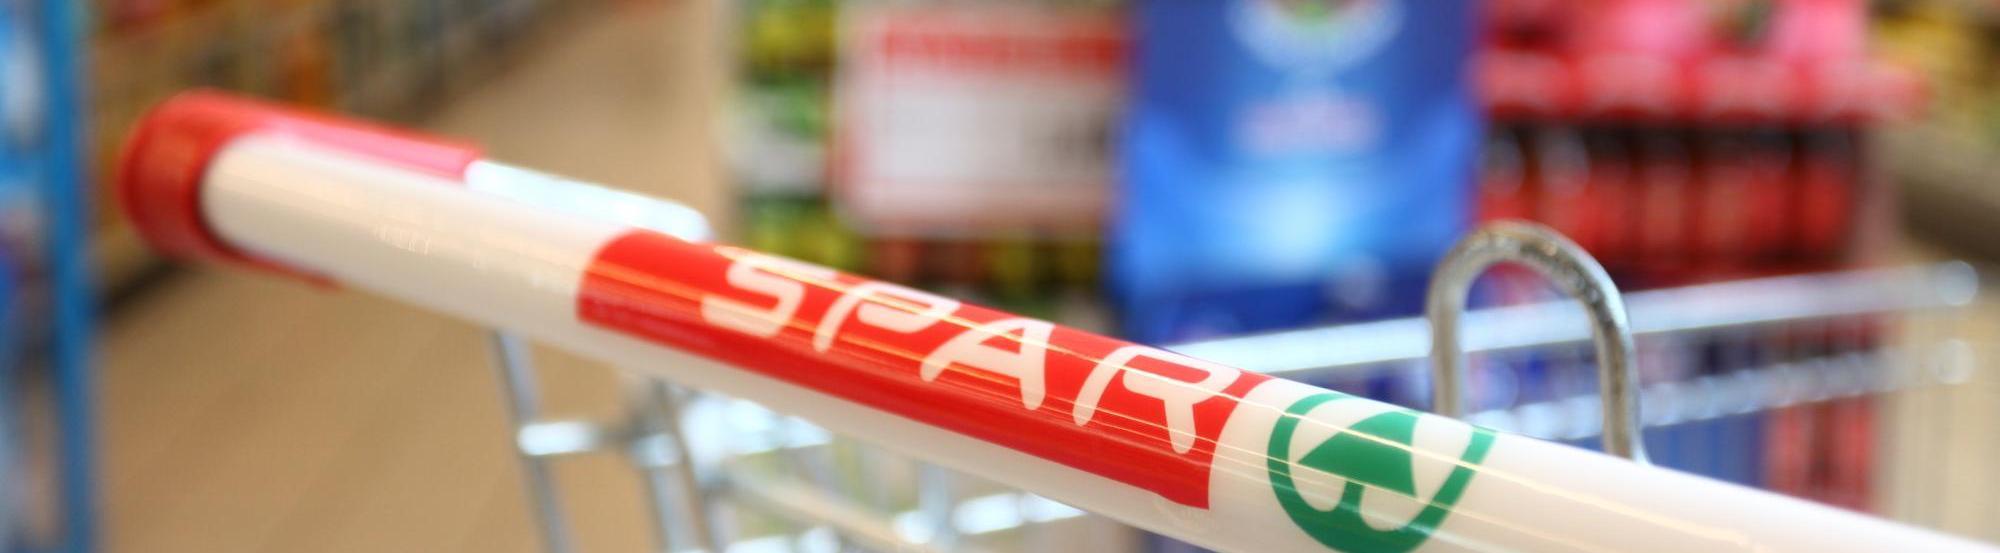 sparmarktat--article-796-0.jpeg